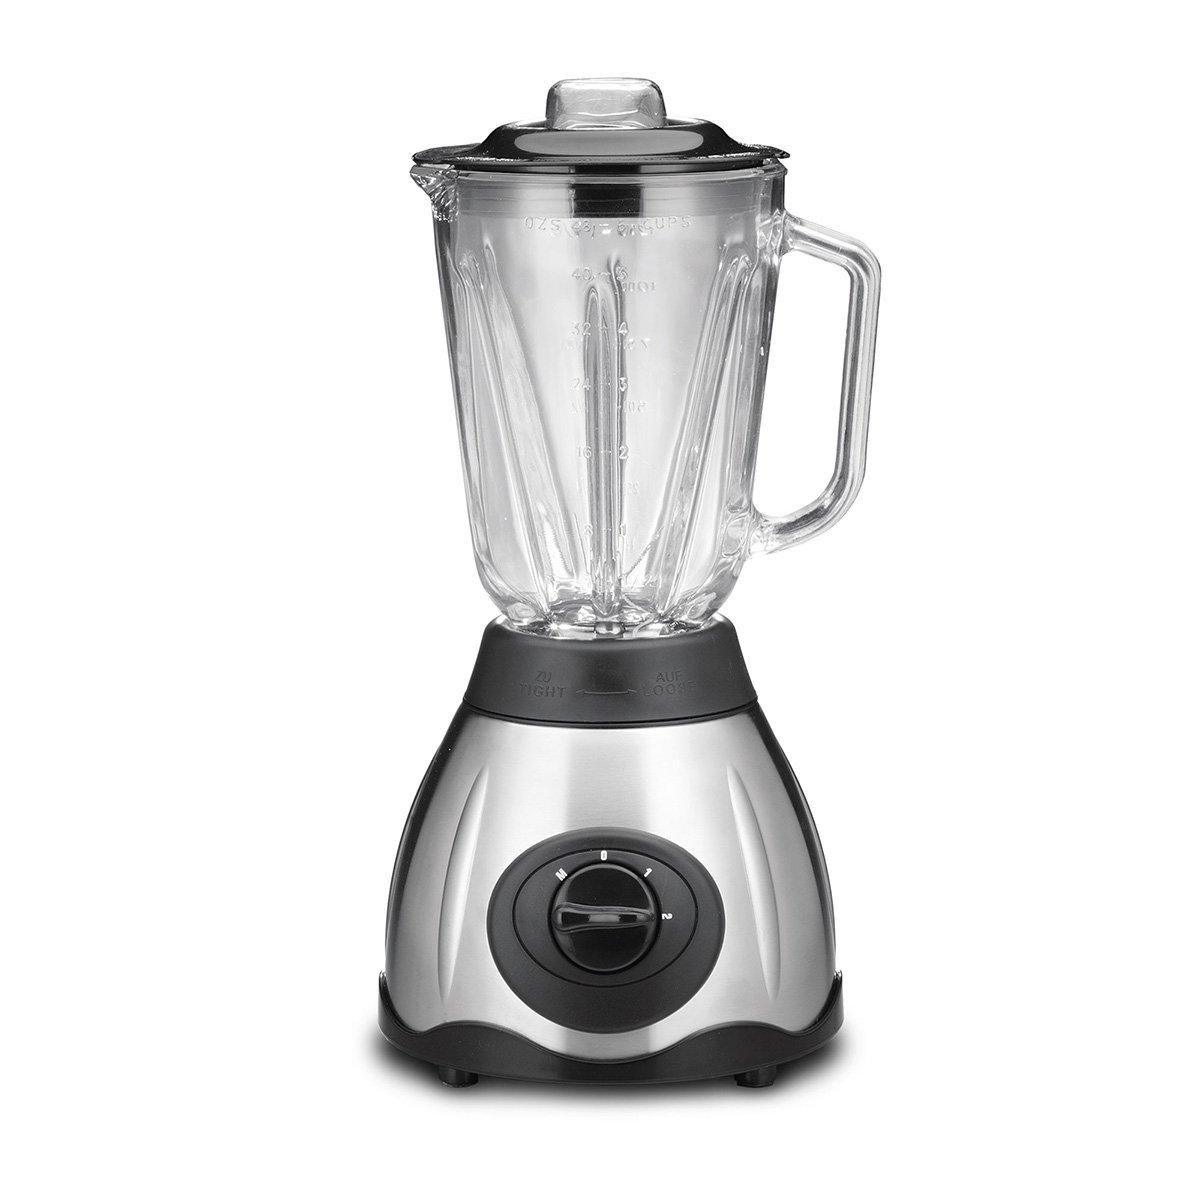 Gastroback Batidora Vaso 500W Vital Mixer 40998 - Vendedores Amazon. Ofertas para tu Hogar.: Amazon.es